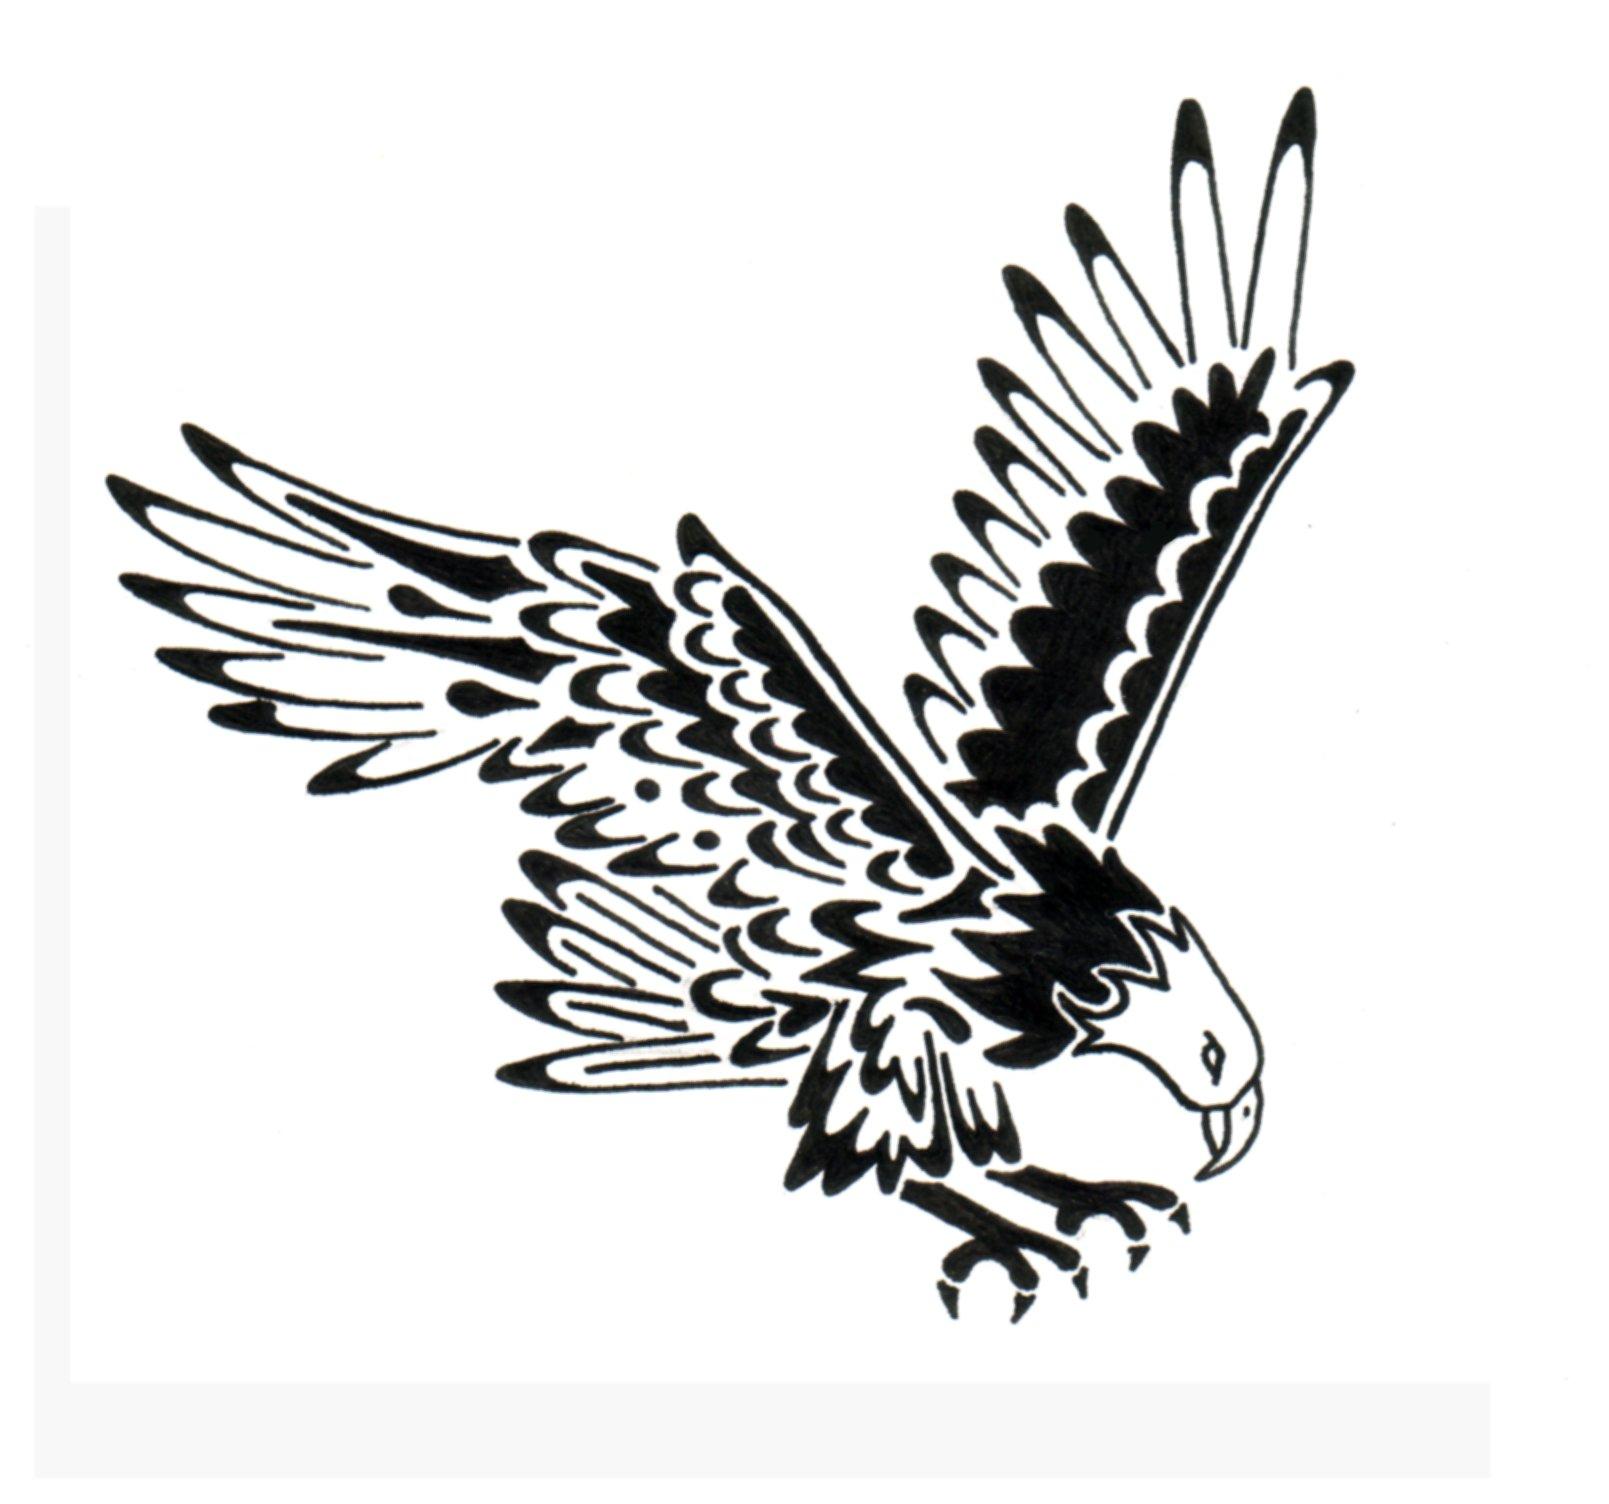 94653d537 Black Ink Simple Soaring Eagle Tattoo Design